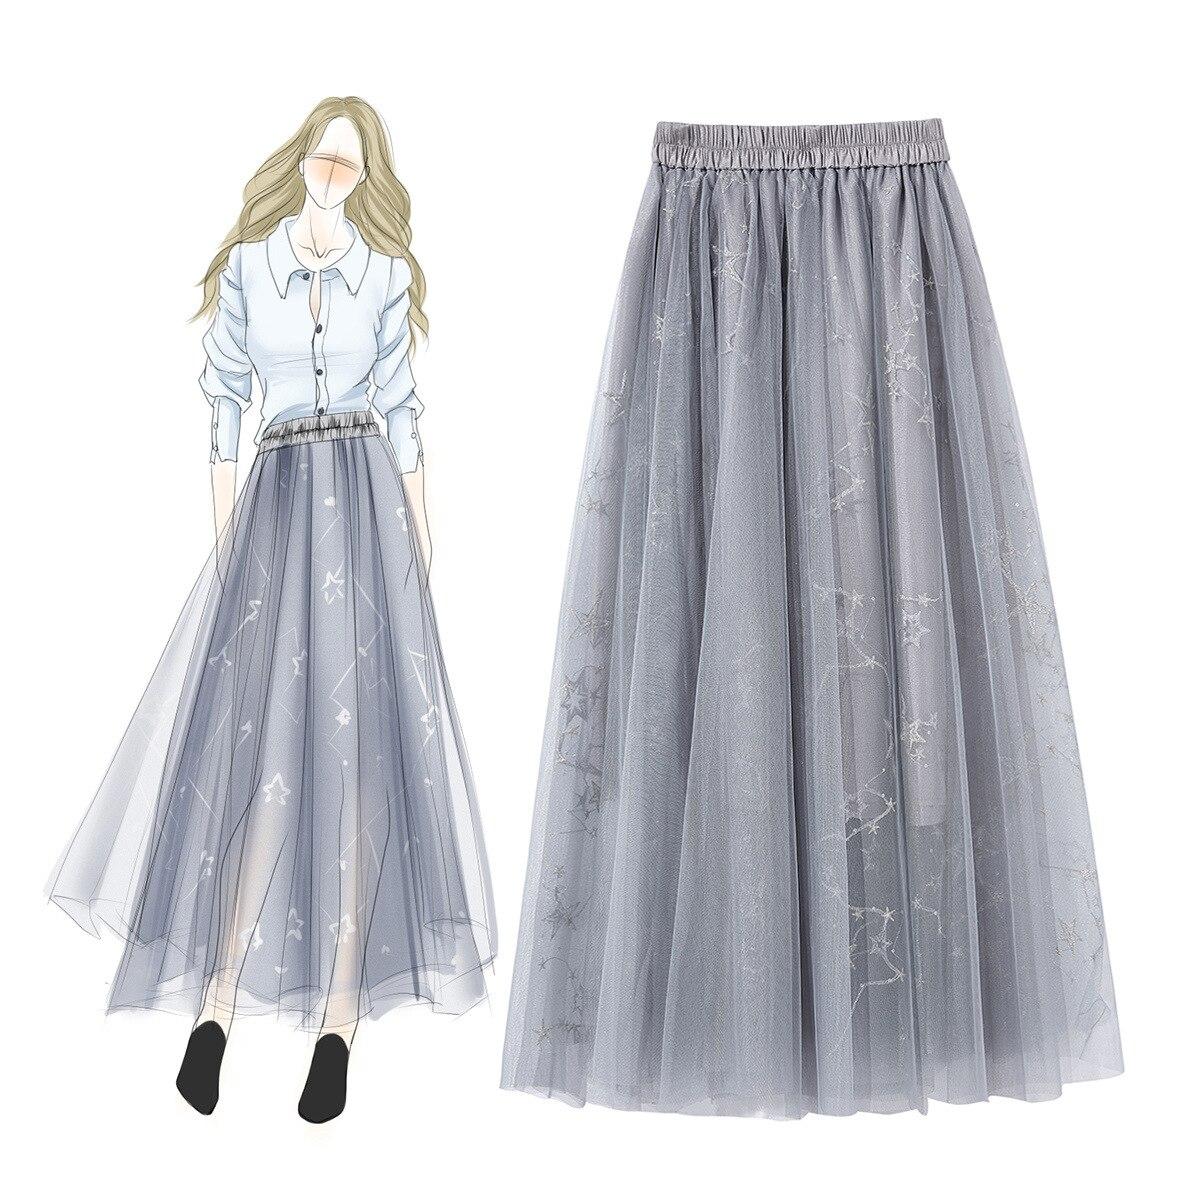 Boutique de mode vêtements pour femmes printemps été nouveau fil de maille taille élastique pendule jupe de fée